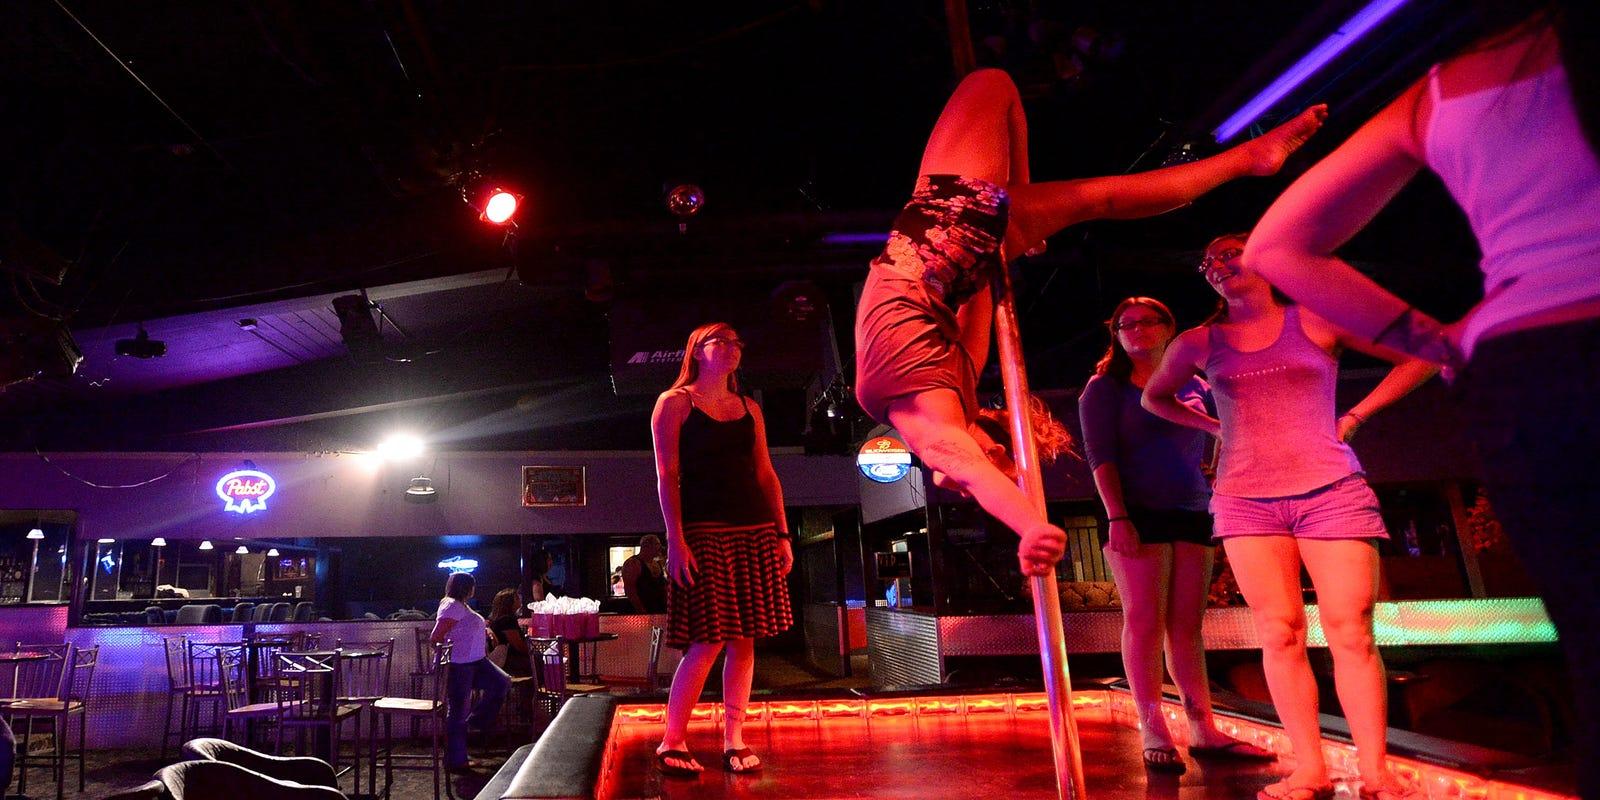 Stripper club number